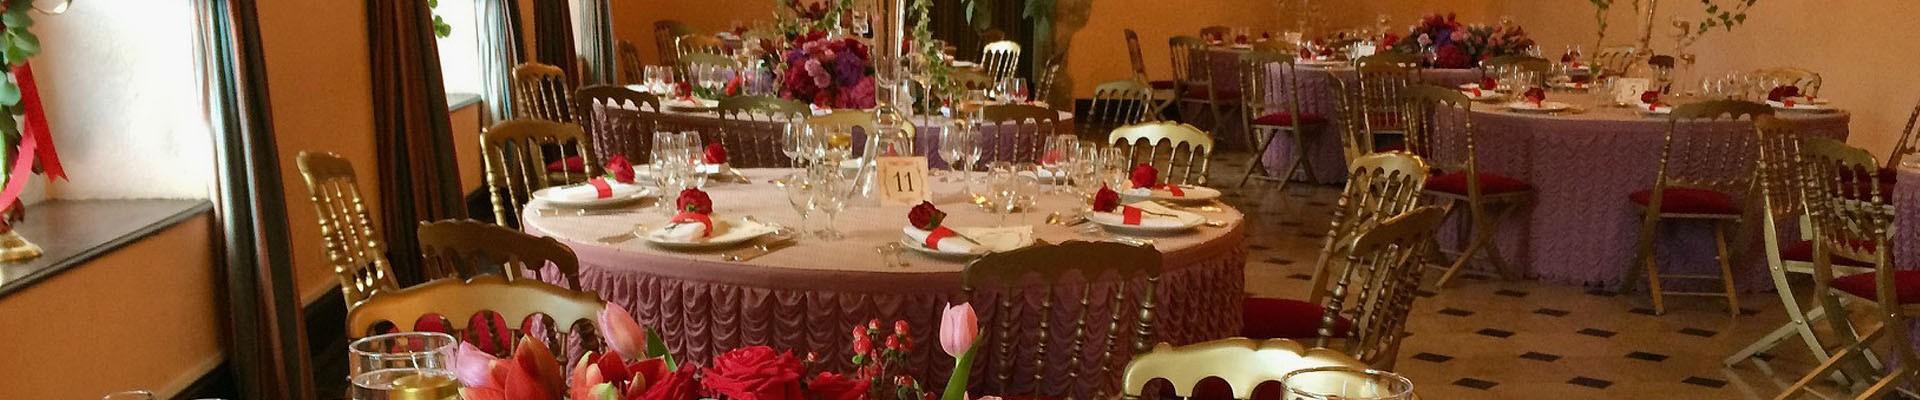 Brudbukett och bröllopsmiddag